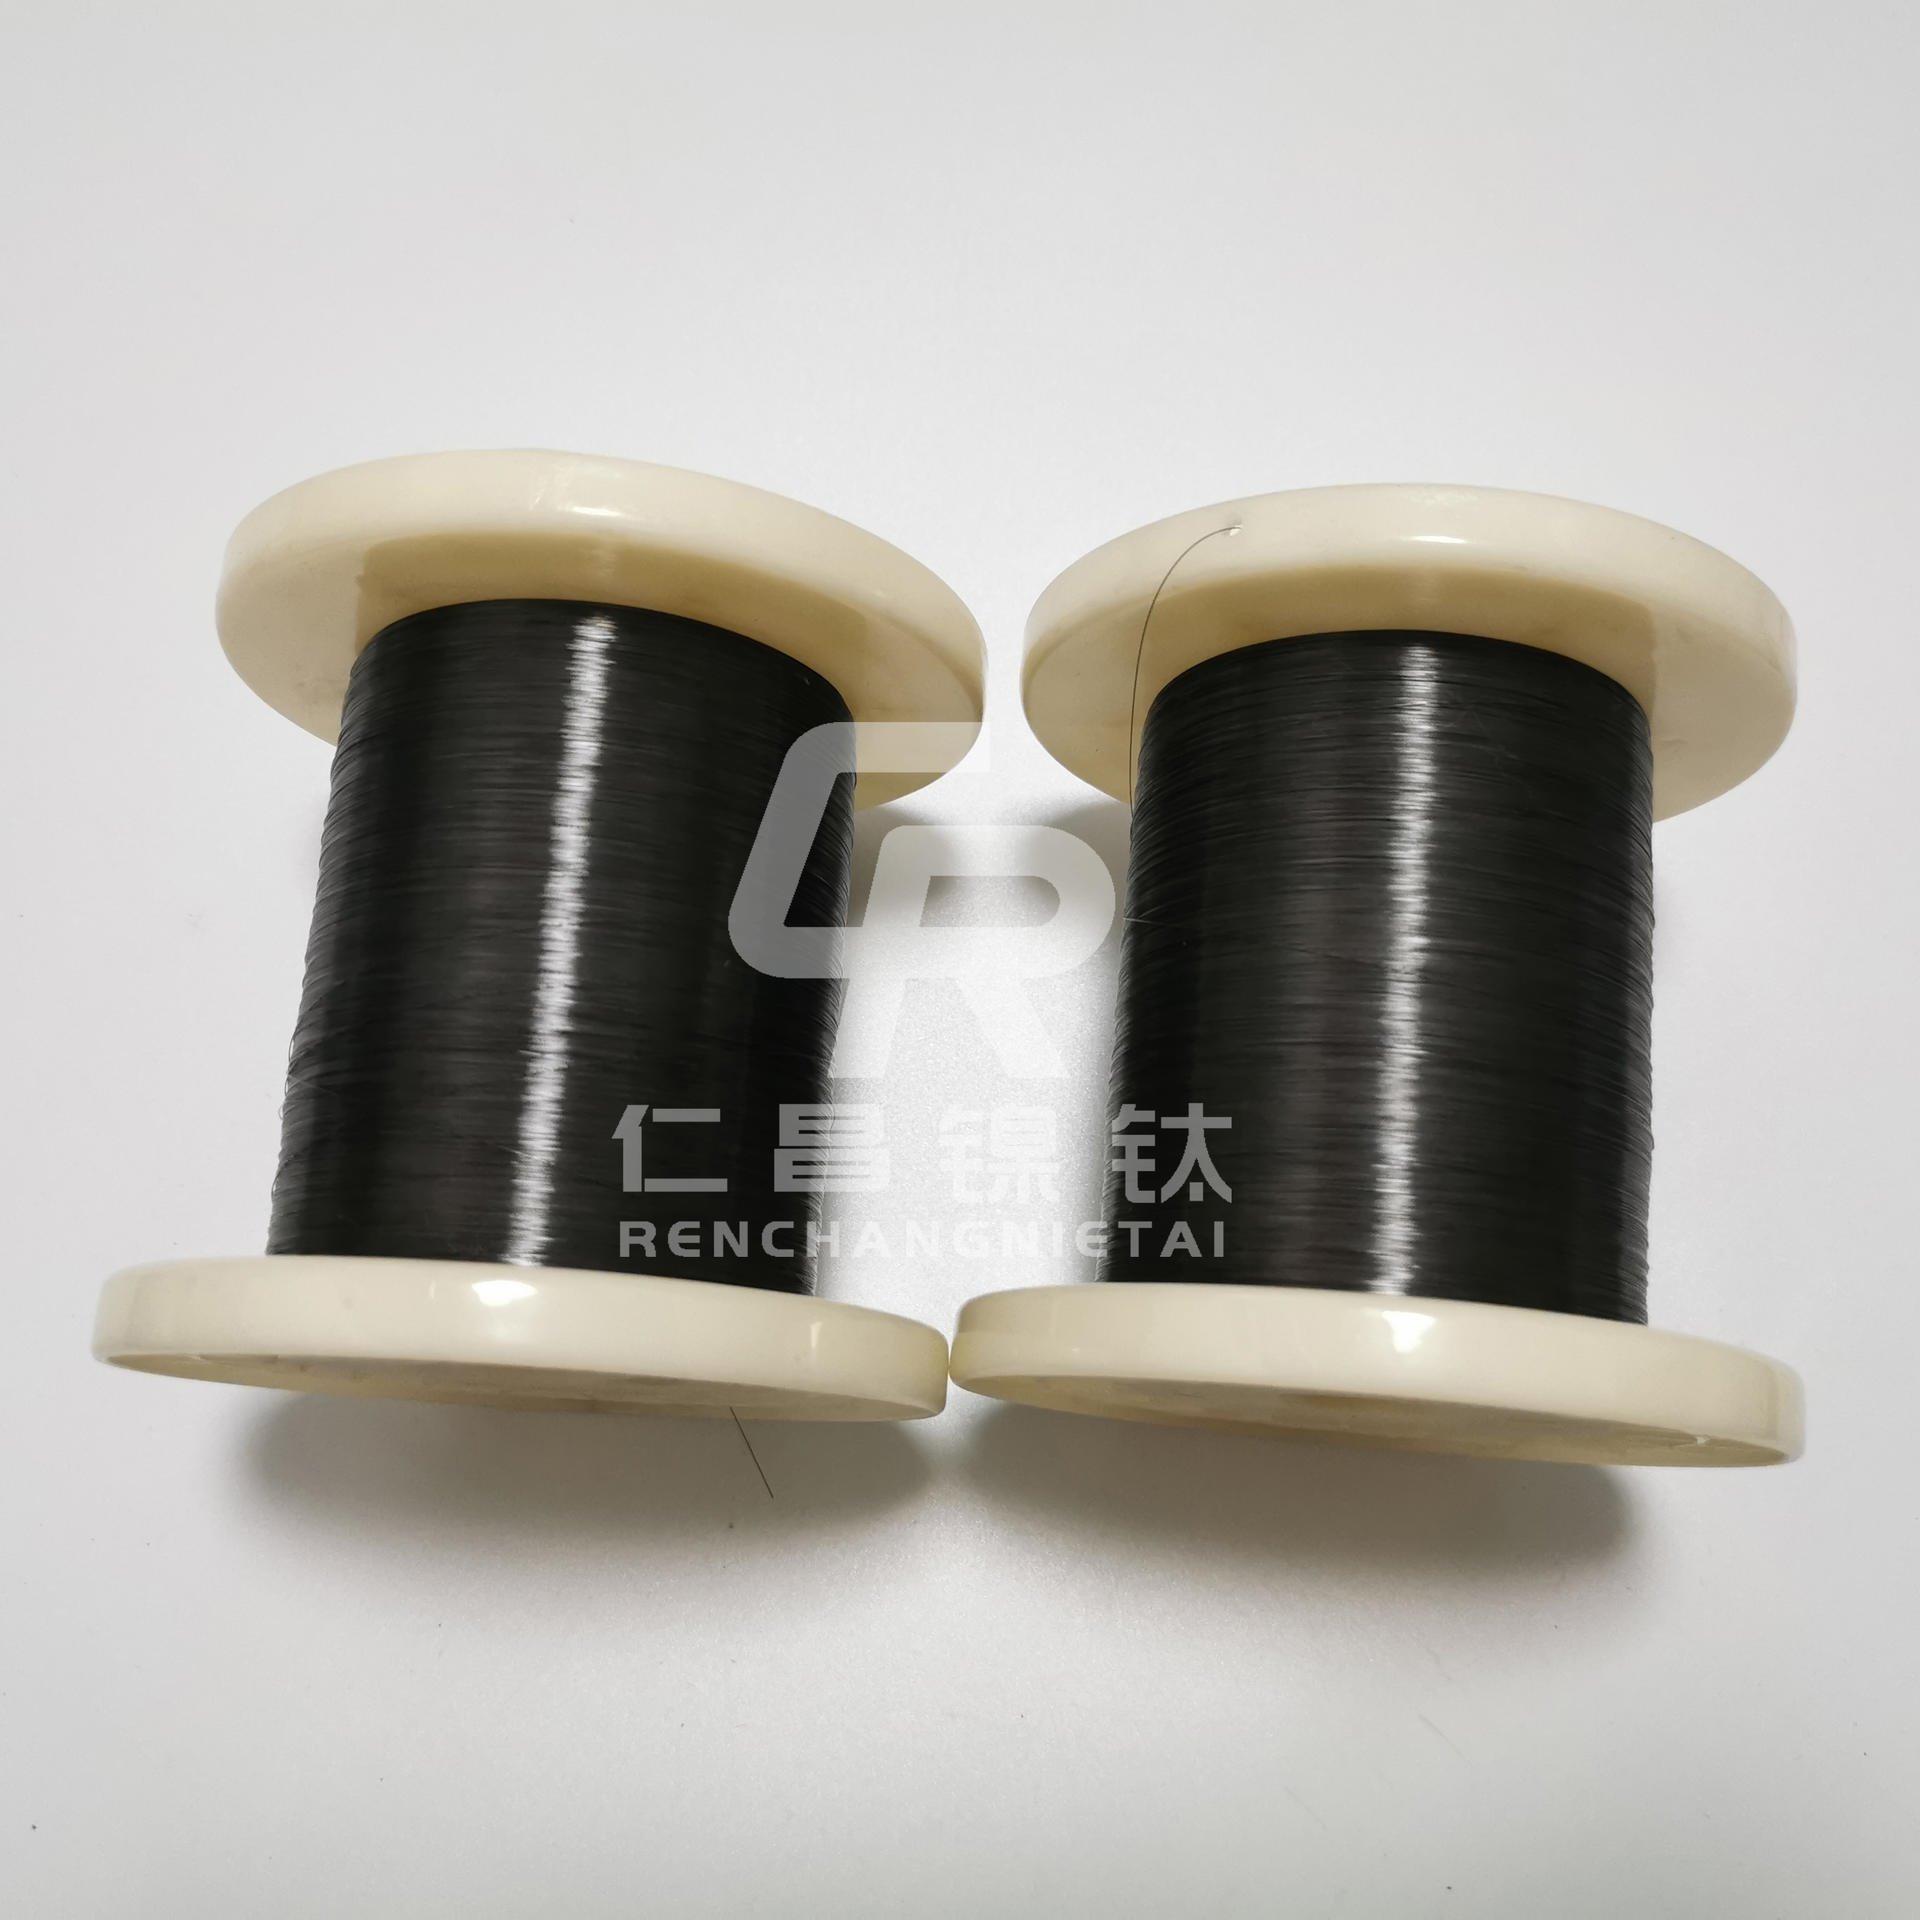 熱激活方絲 鎳鈦絲 正畸鎳鈦絲 熱激活型 各種型號